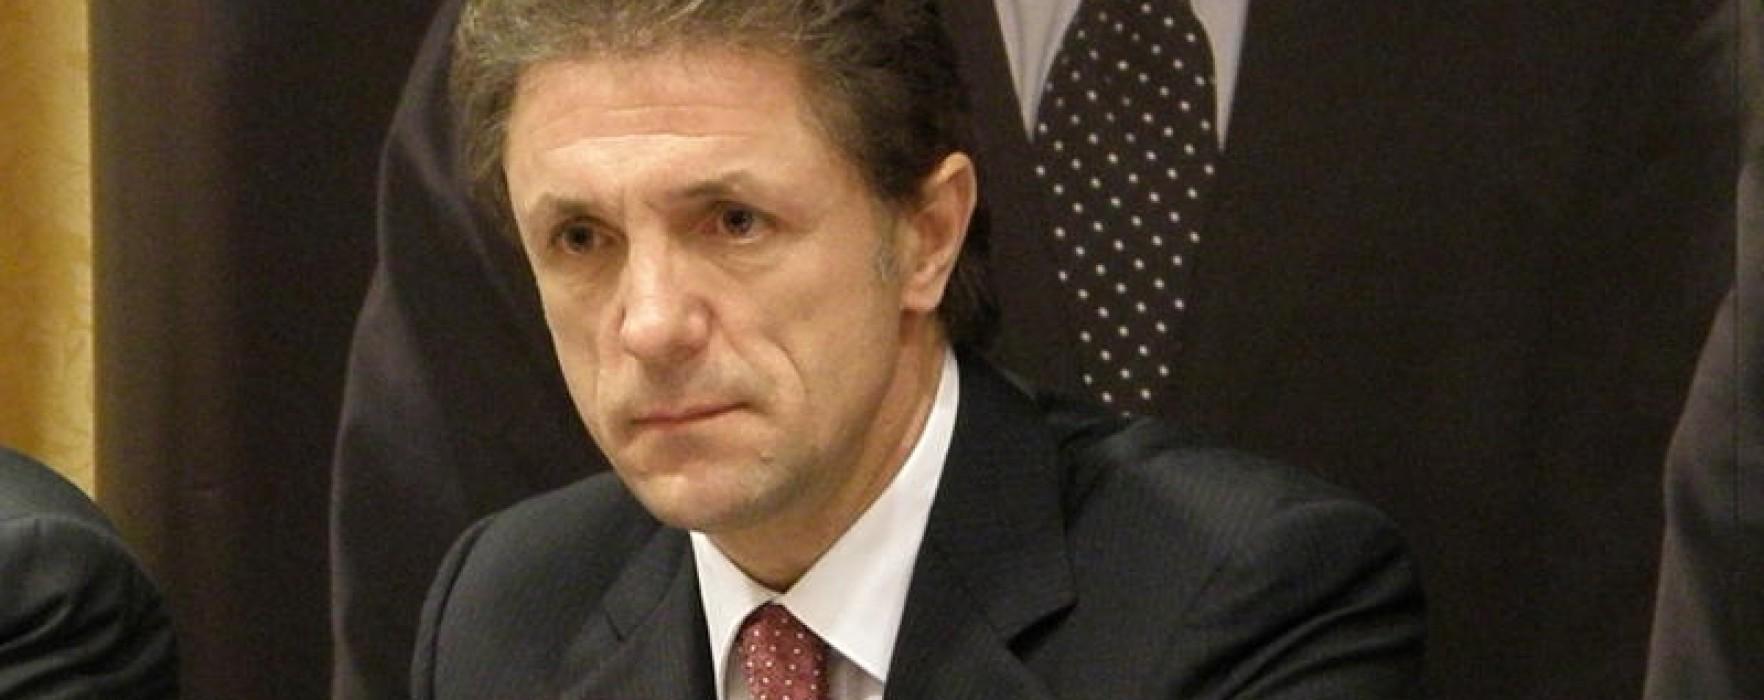 Gică Popescu şi-a prezentat oficial candidatura, echipa şi programul la preşedinţia FRF